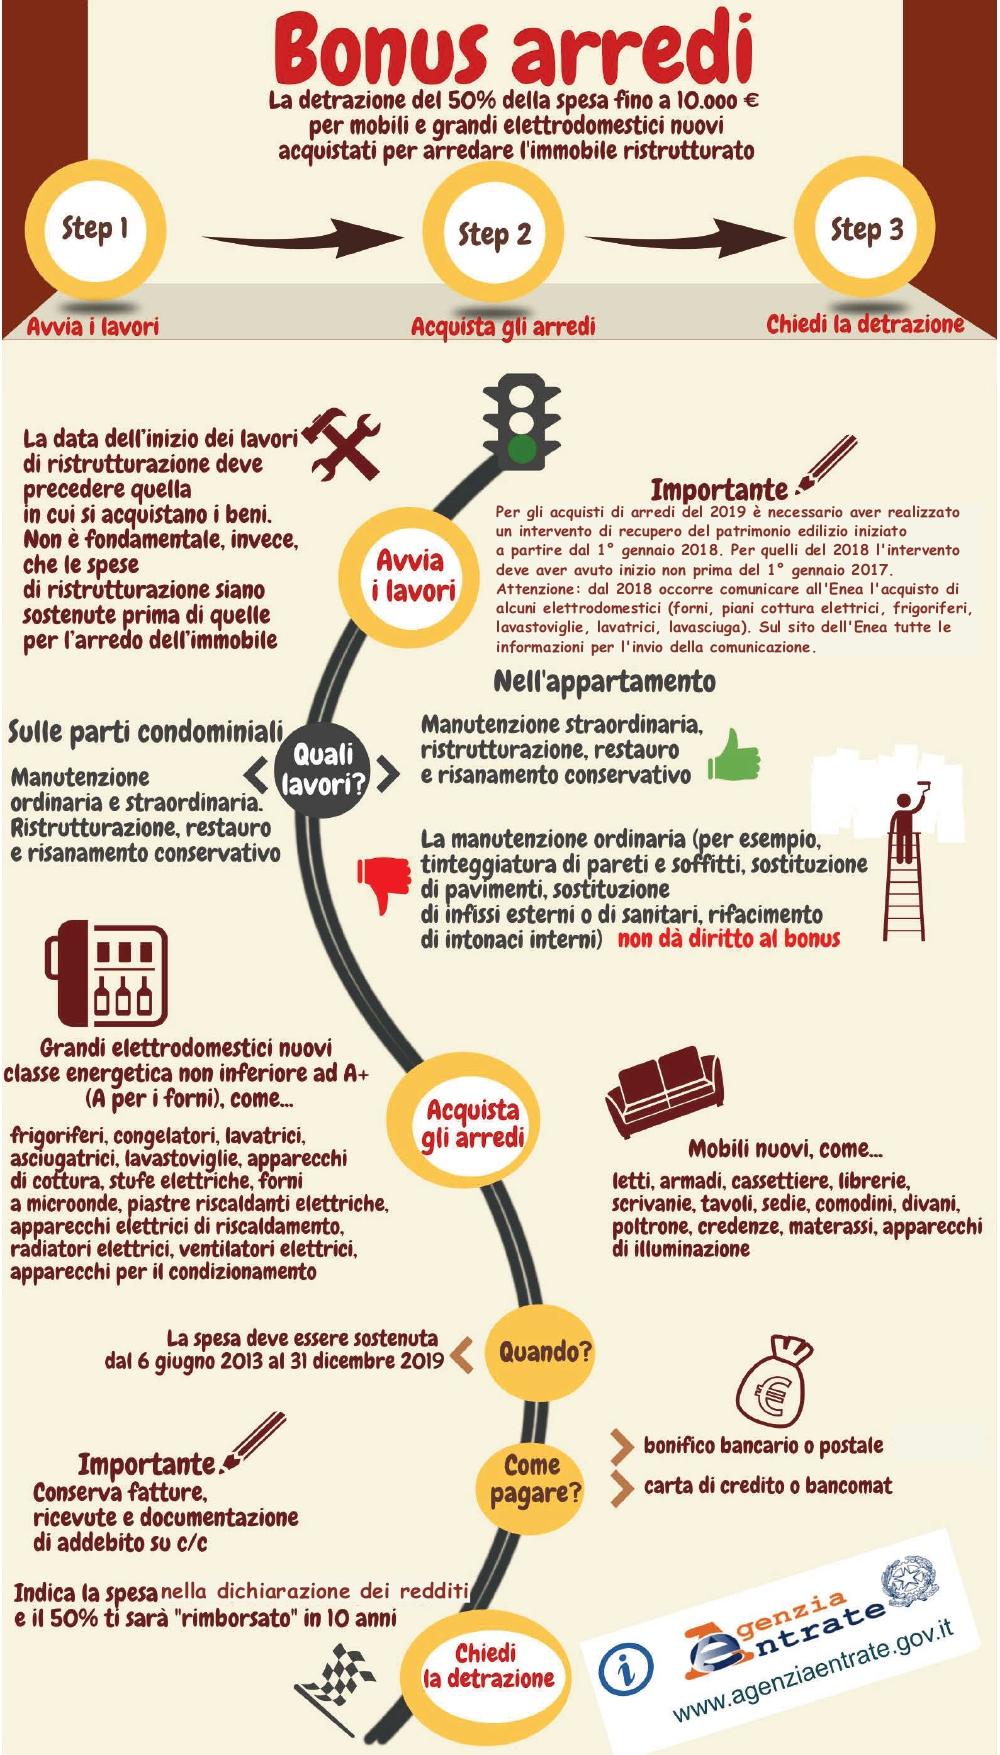 Agenzia-delle-entrate-infografica-bonus-arredi-febbraio-2019_pages-to-jpg-0001